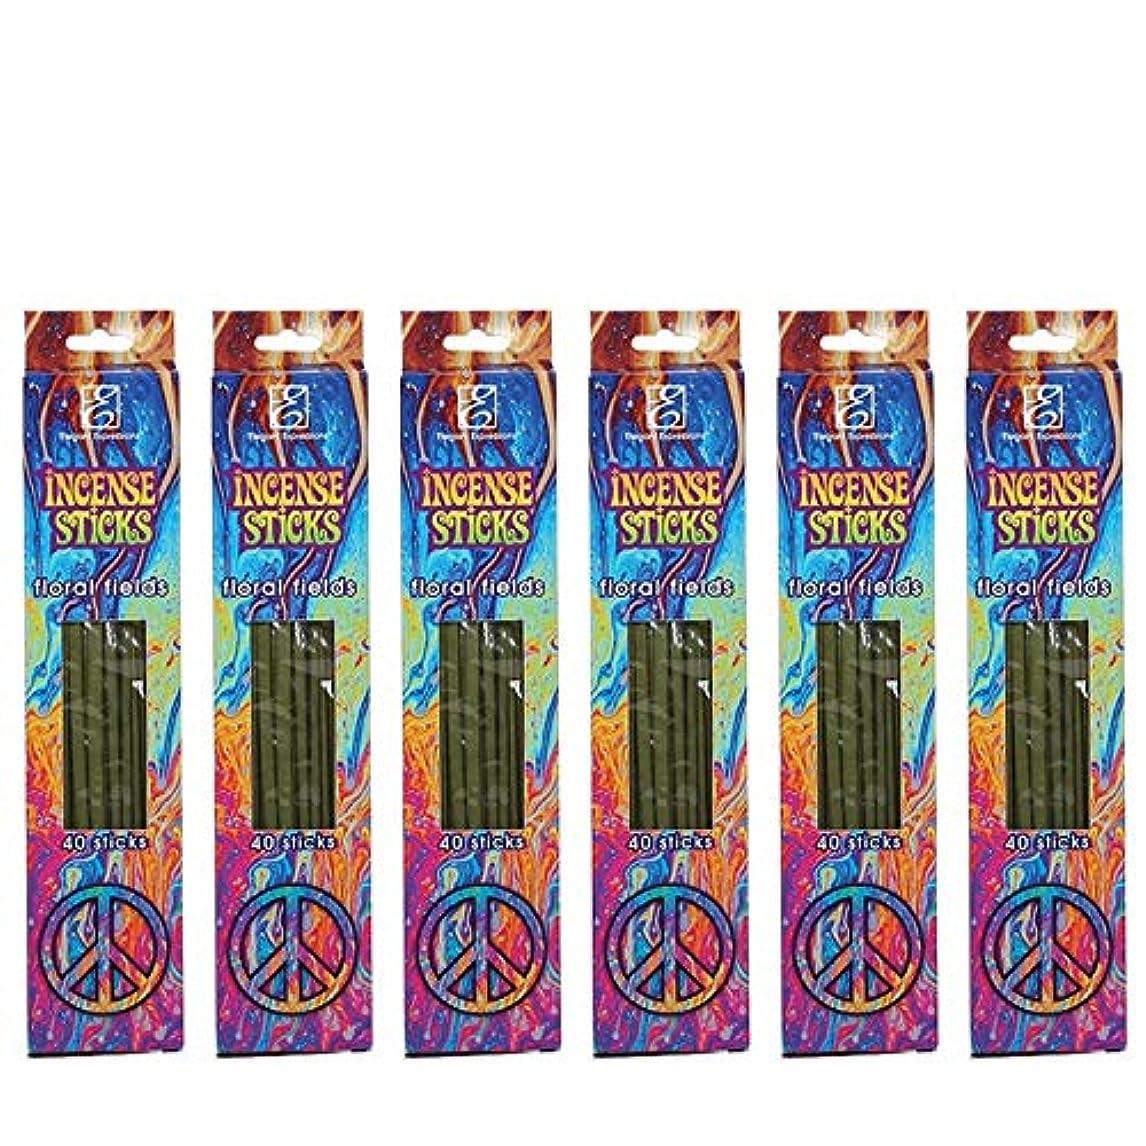 耕す優雅な黒板Hosleyのフローラルの香りつきIncense Sticks 240パック。手Fragranced、Infused with Essential Oils。理想的なギフト、ウェディング、特別なイベント、アロマセラピー、...